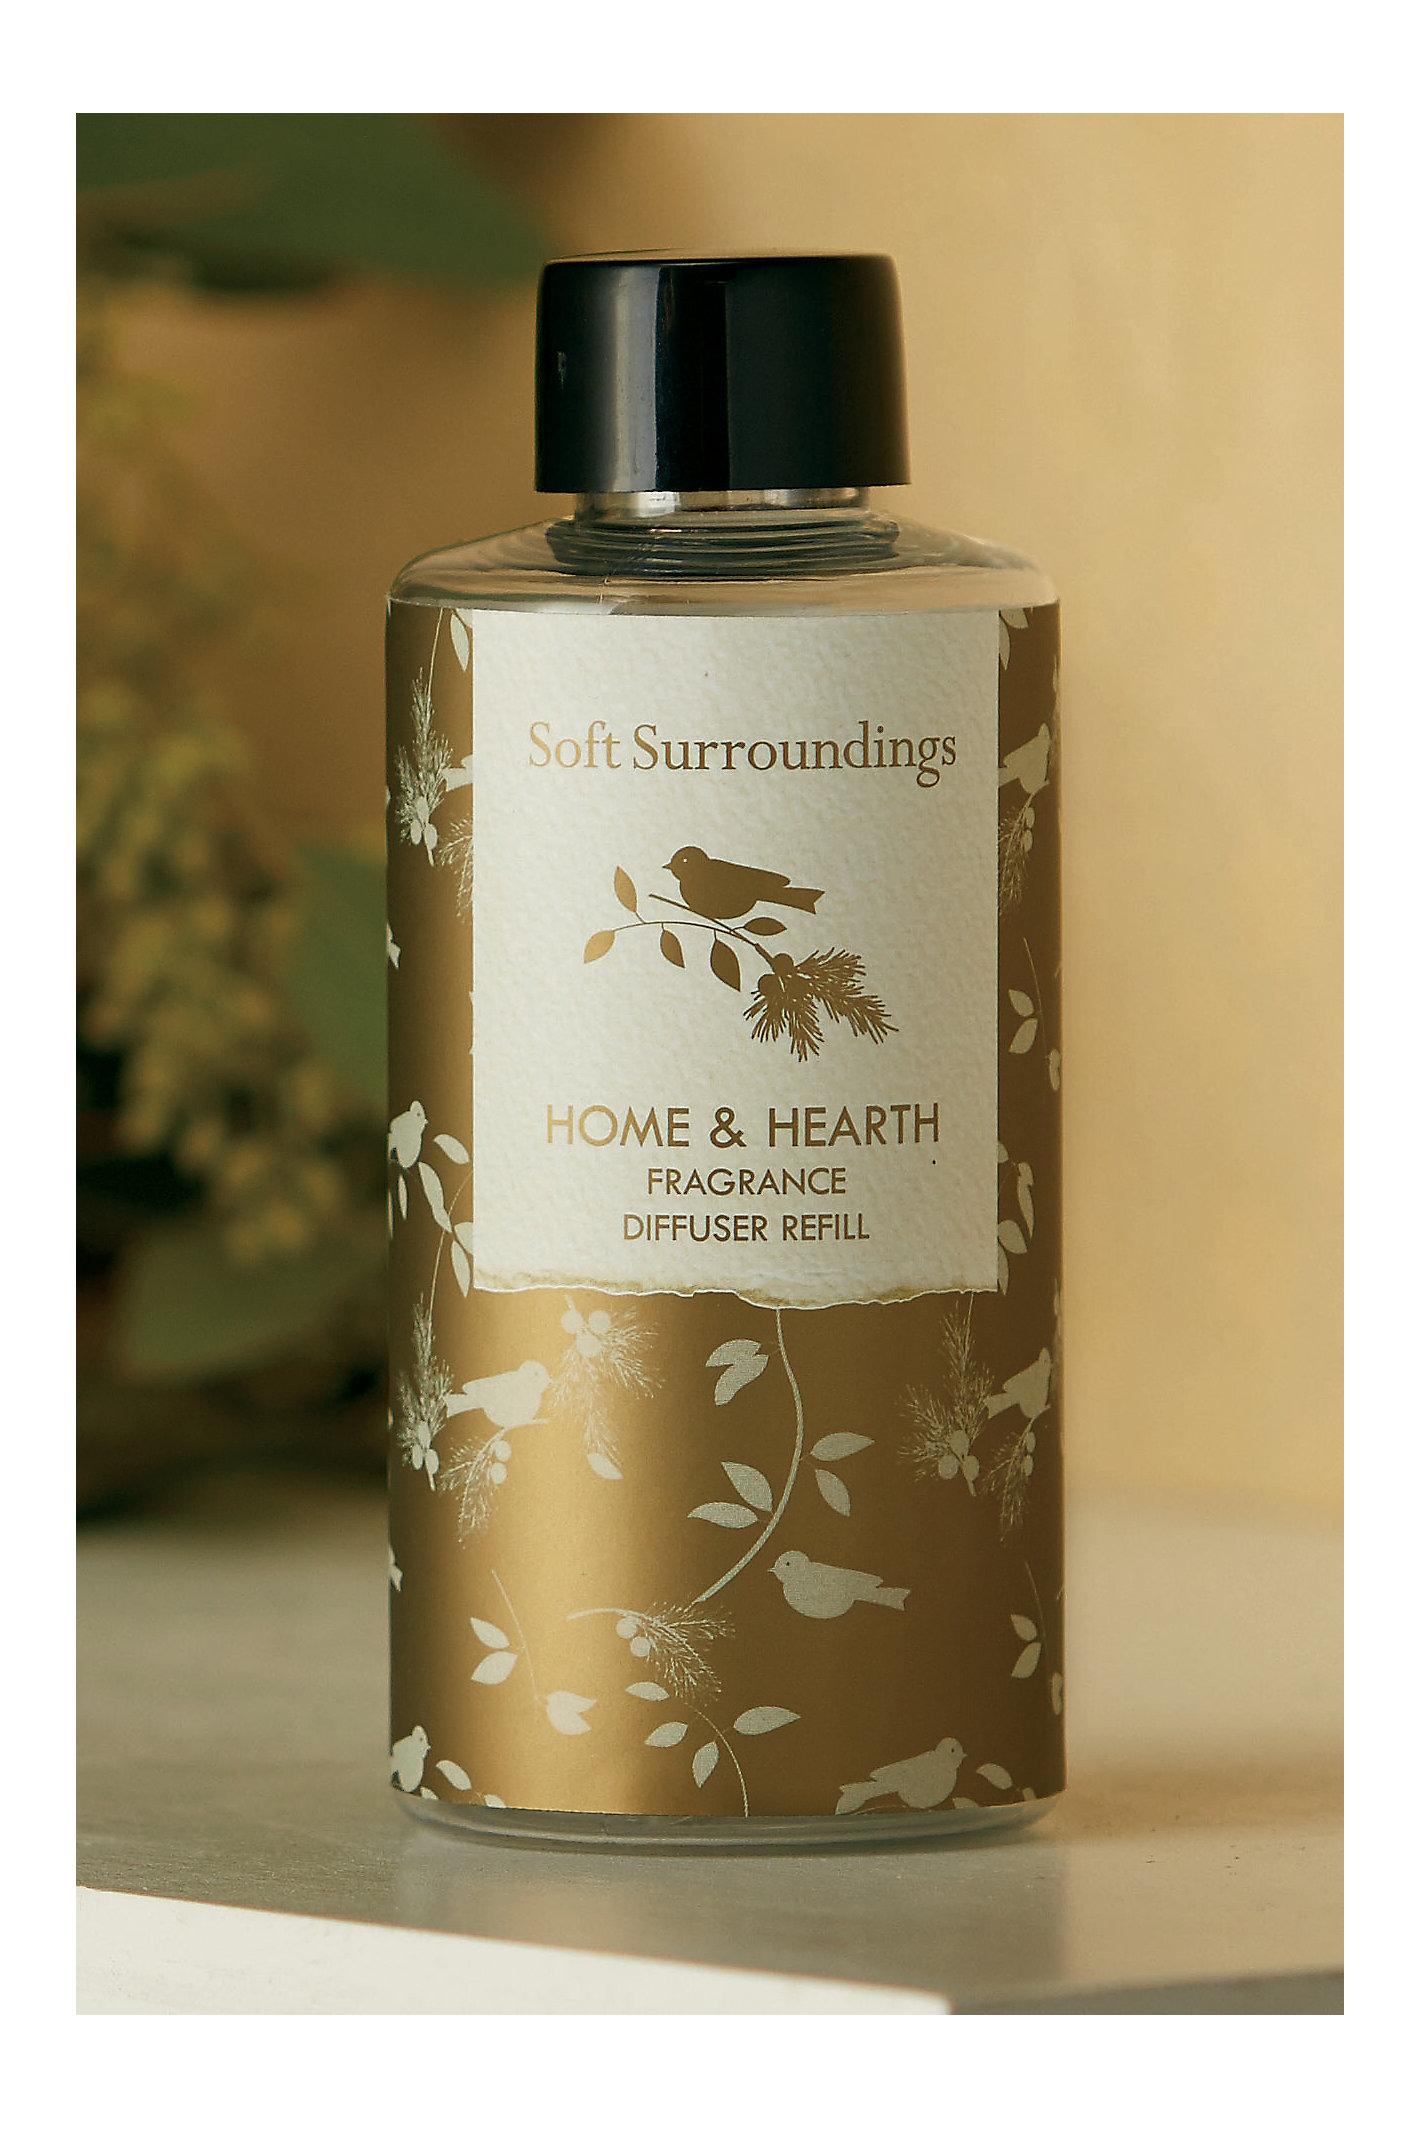 Home & Hearth Fragrance Diffuser & Refill